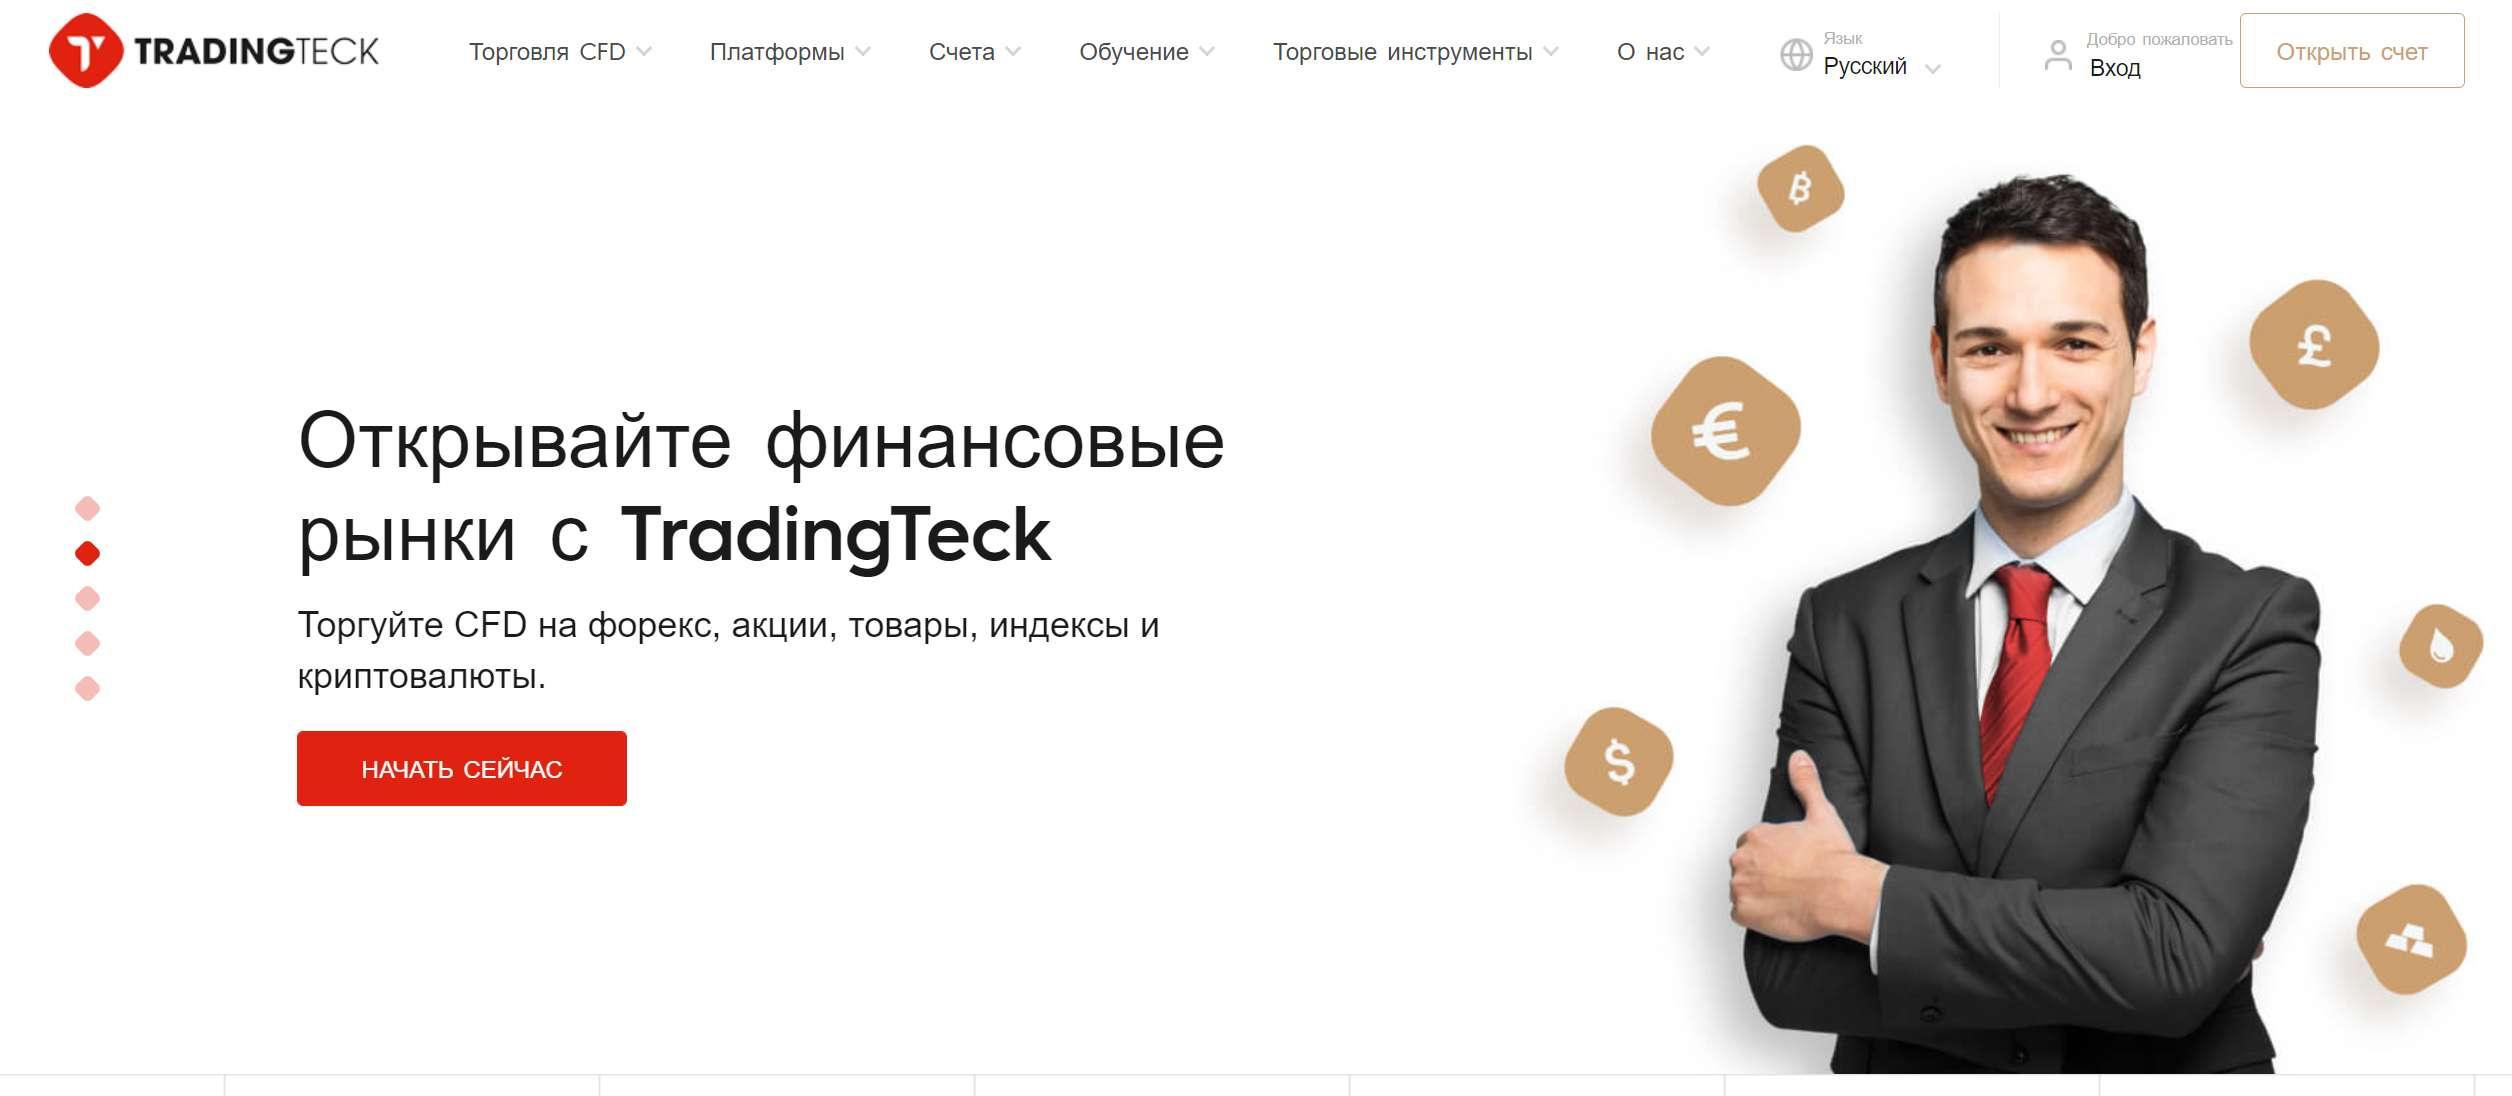 Псевдоброкер TradingTeck — обман и потеря средств. Отзывы и обзор лохотрона.